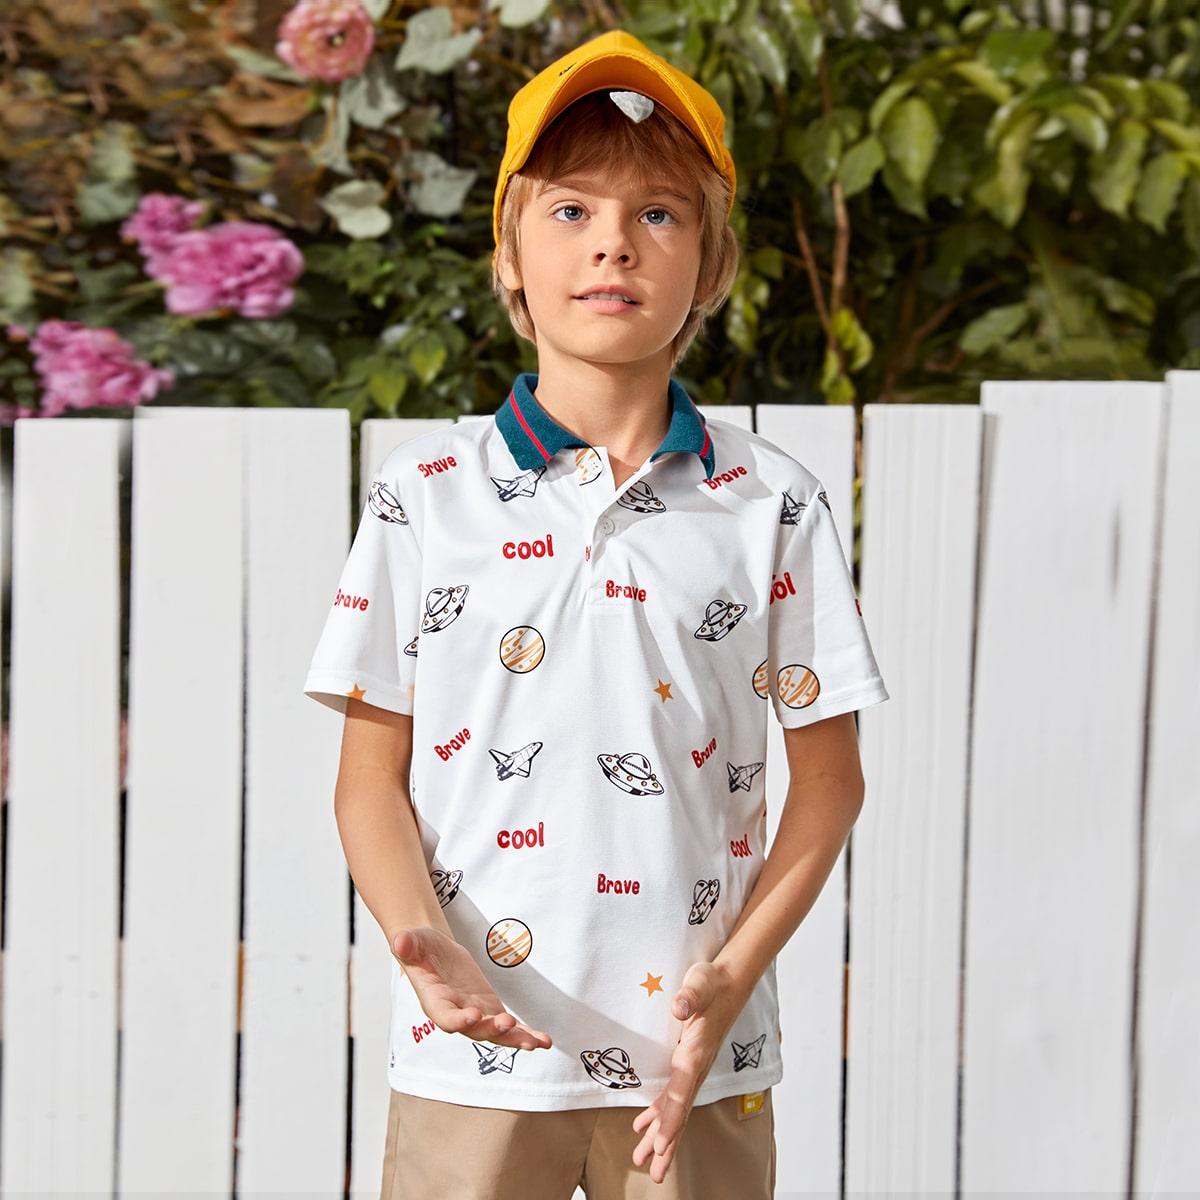 Пуговица графический повседневный рубашки поло для мальчиков